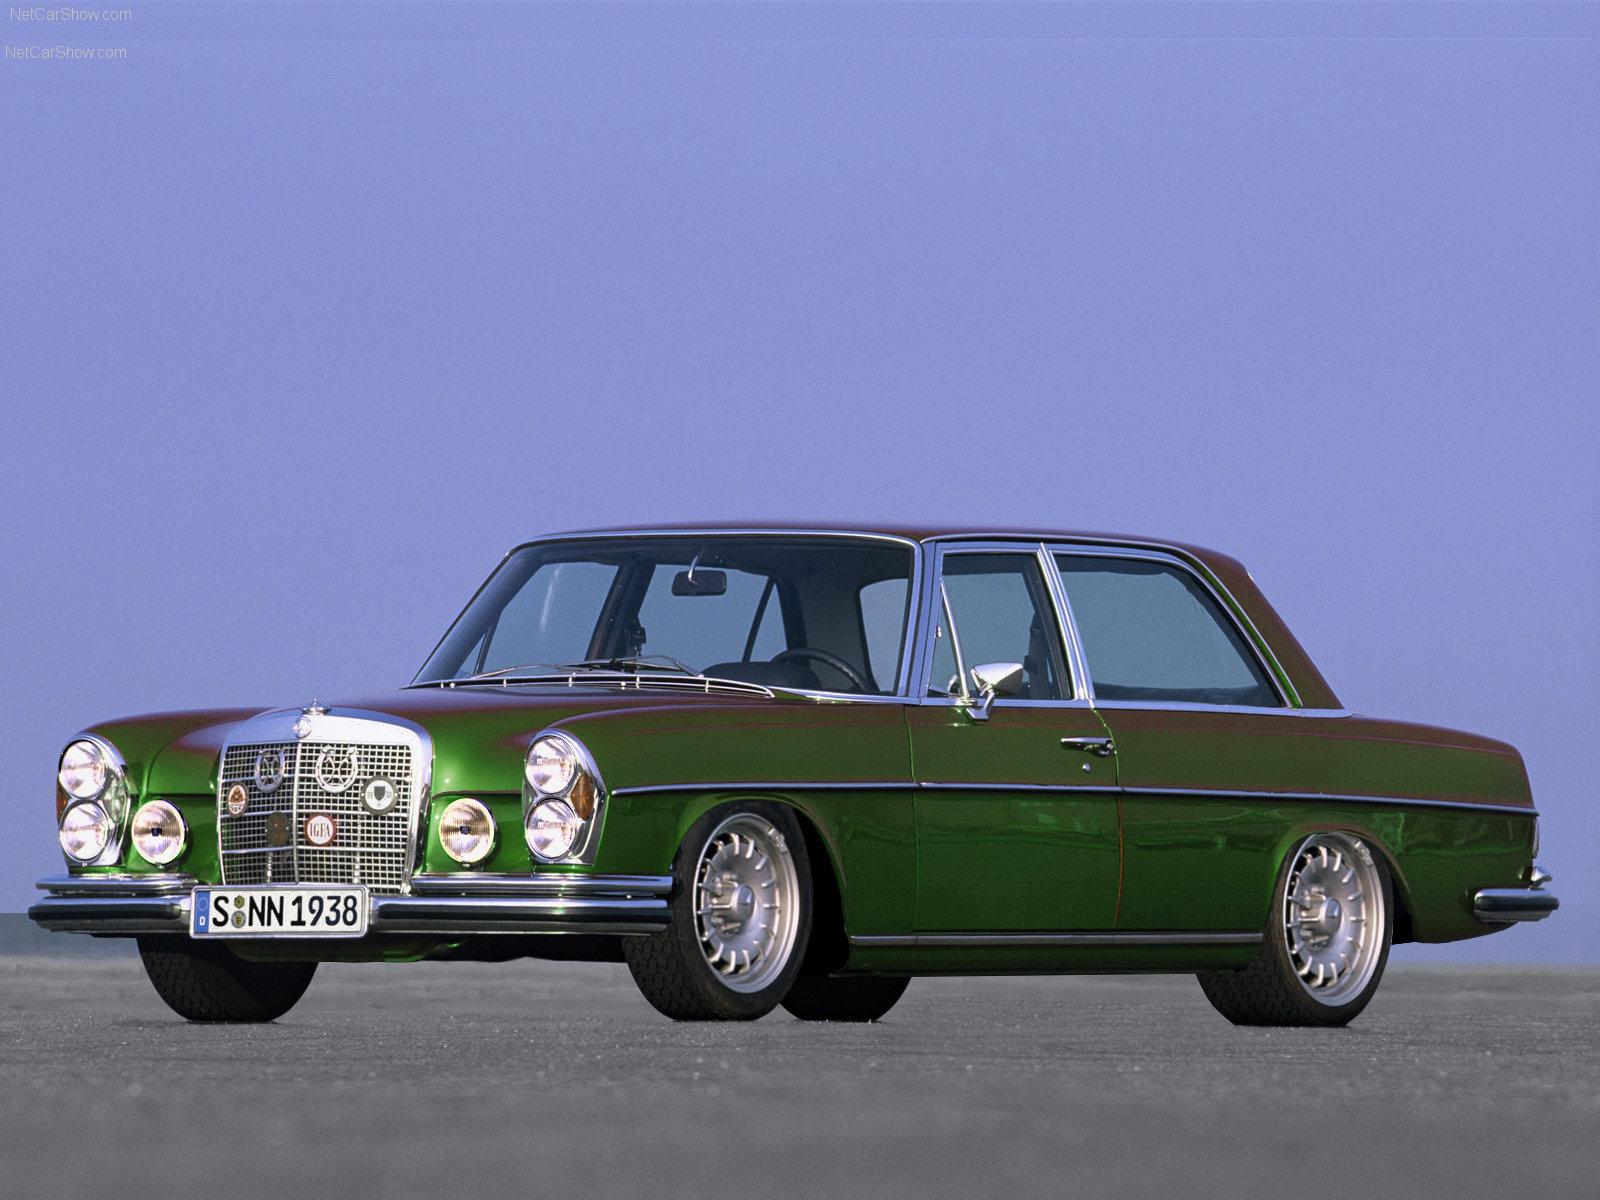 http://2.bp.blogspot.com/-OYtpgj_J2C0/TdKQD-69NRI/AAAAAAAAAuk/rhnmU8Uh-v0/s1600/Mercedes-Benz-300_SEL_6_3_AMG_1971_1600x1200_wallpaper_011.jpg